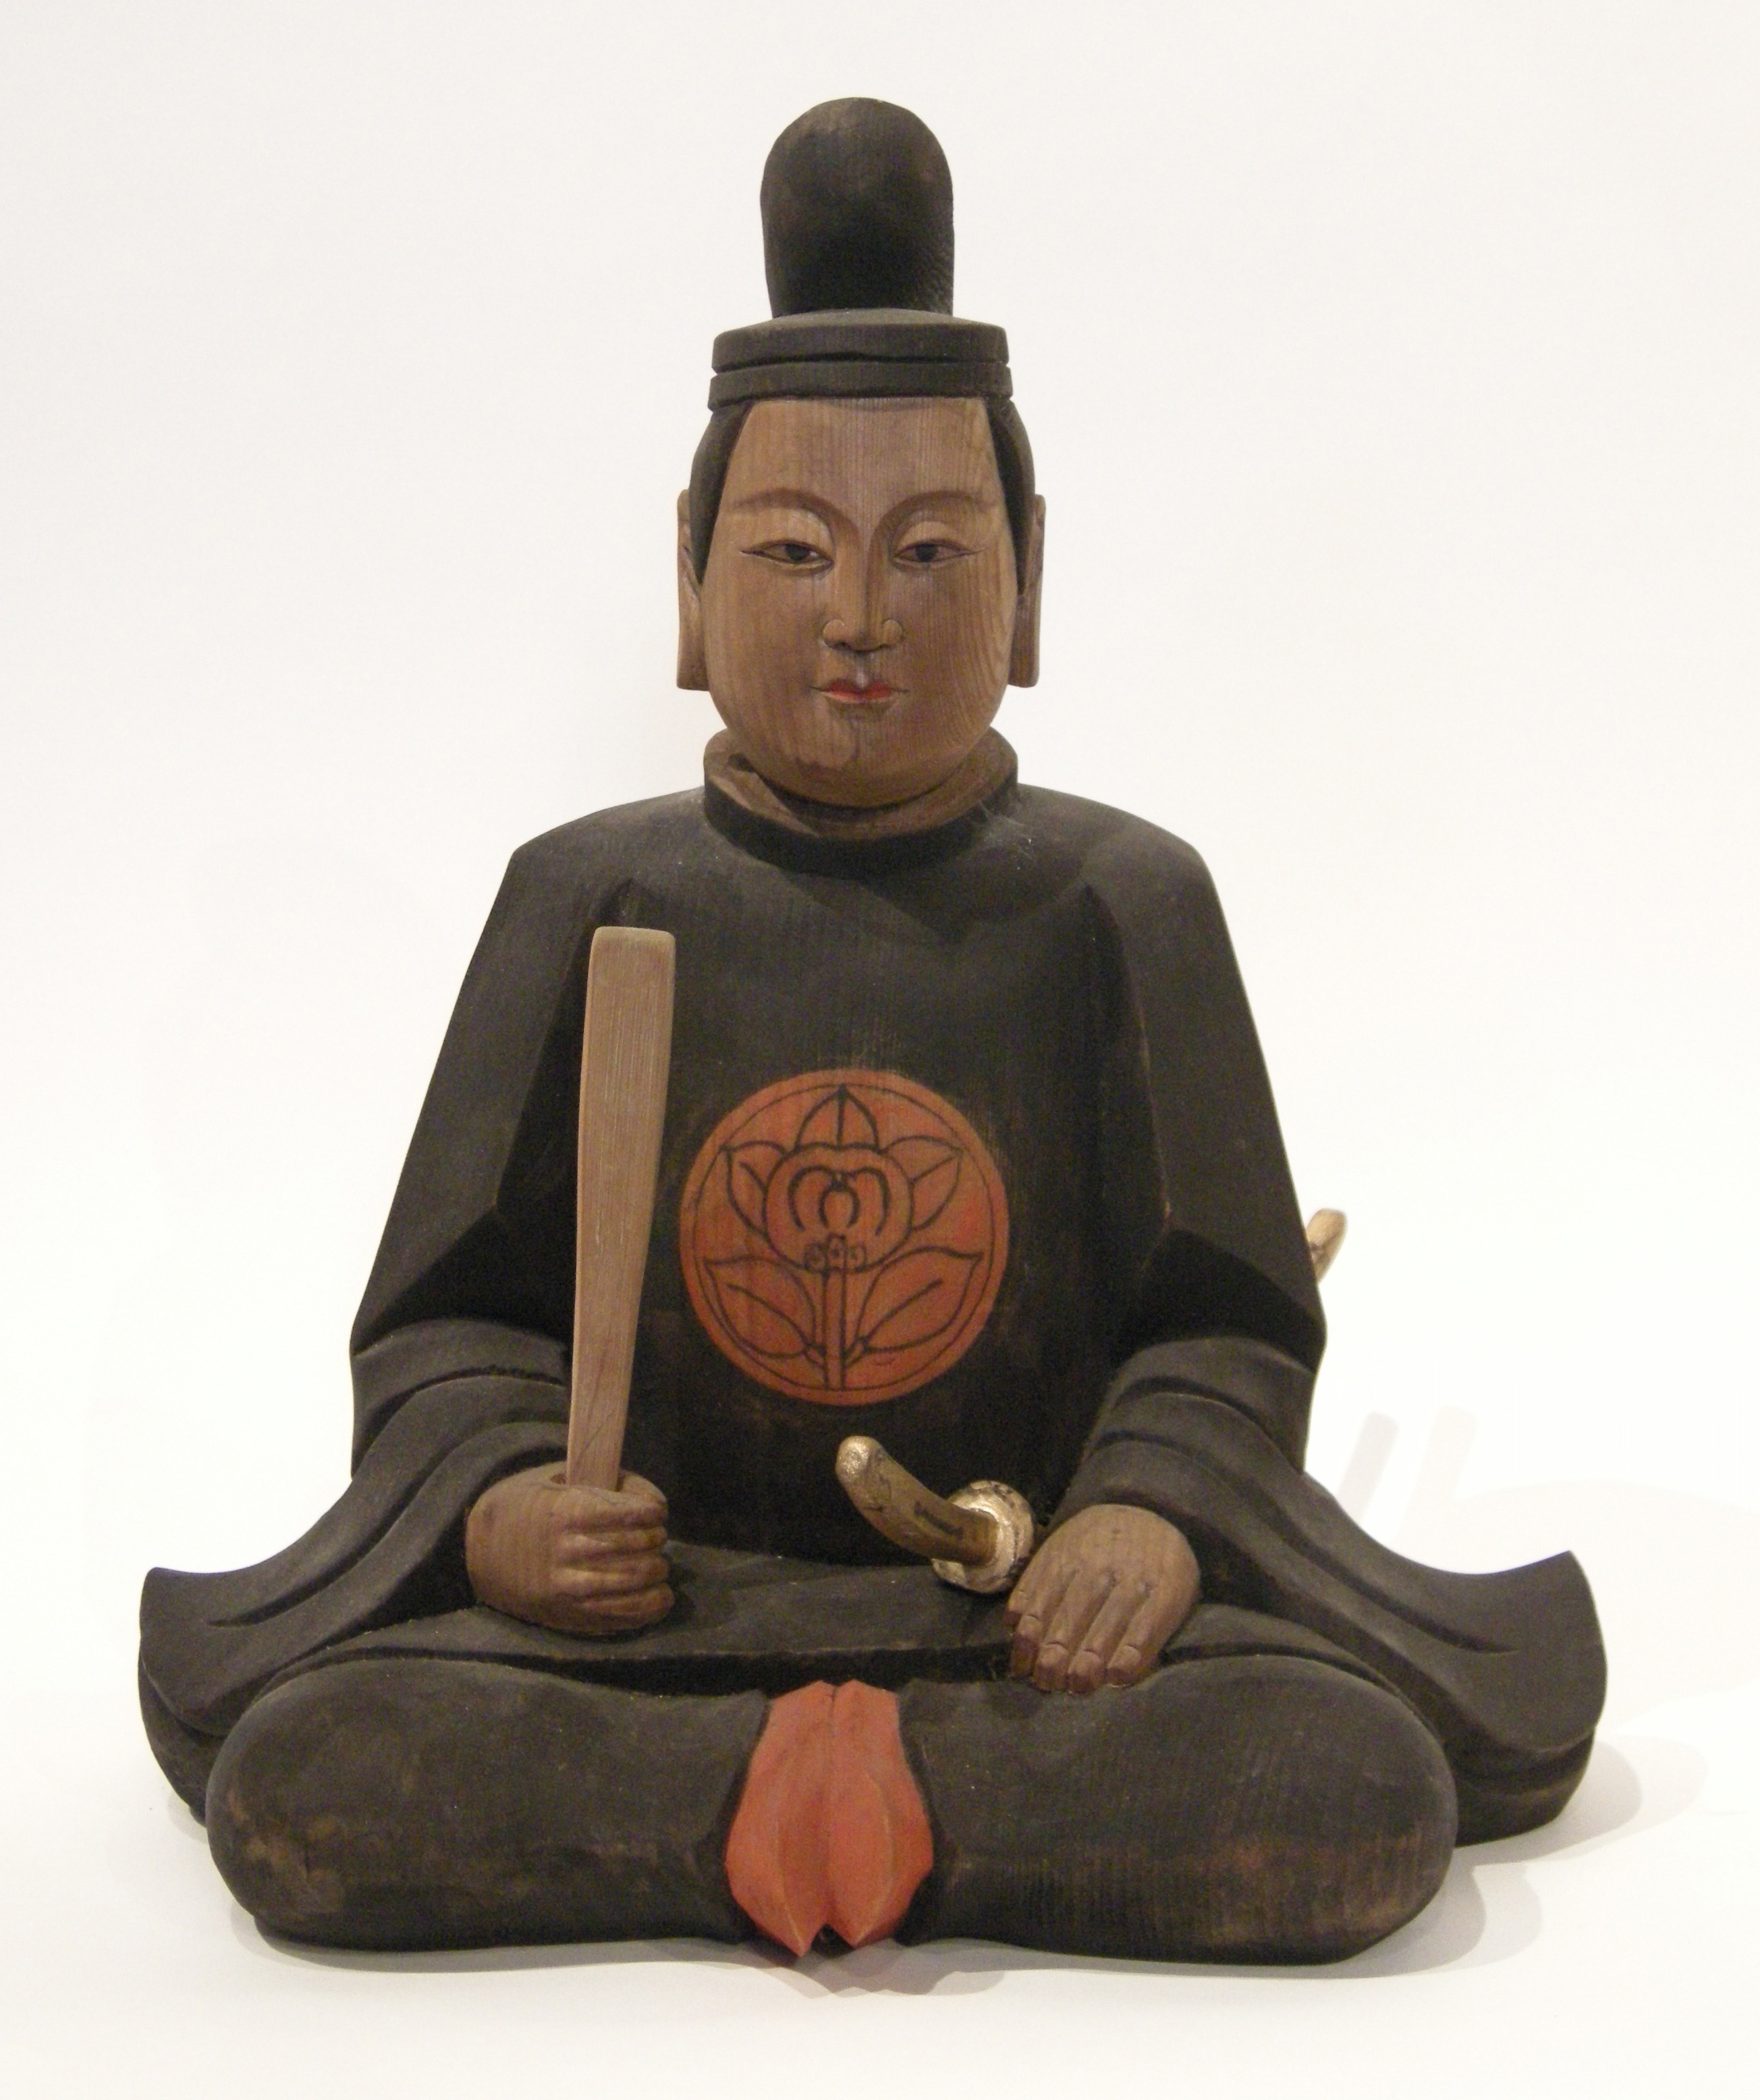 井伊直政像(井伊神社御神体)